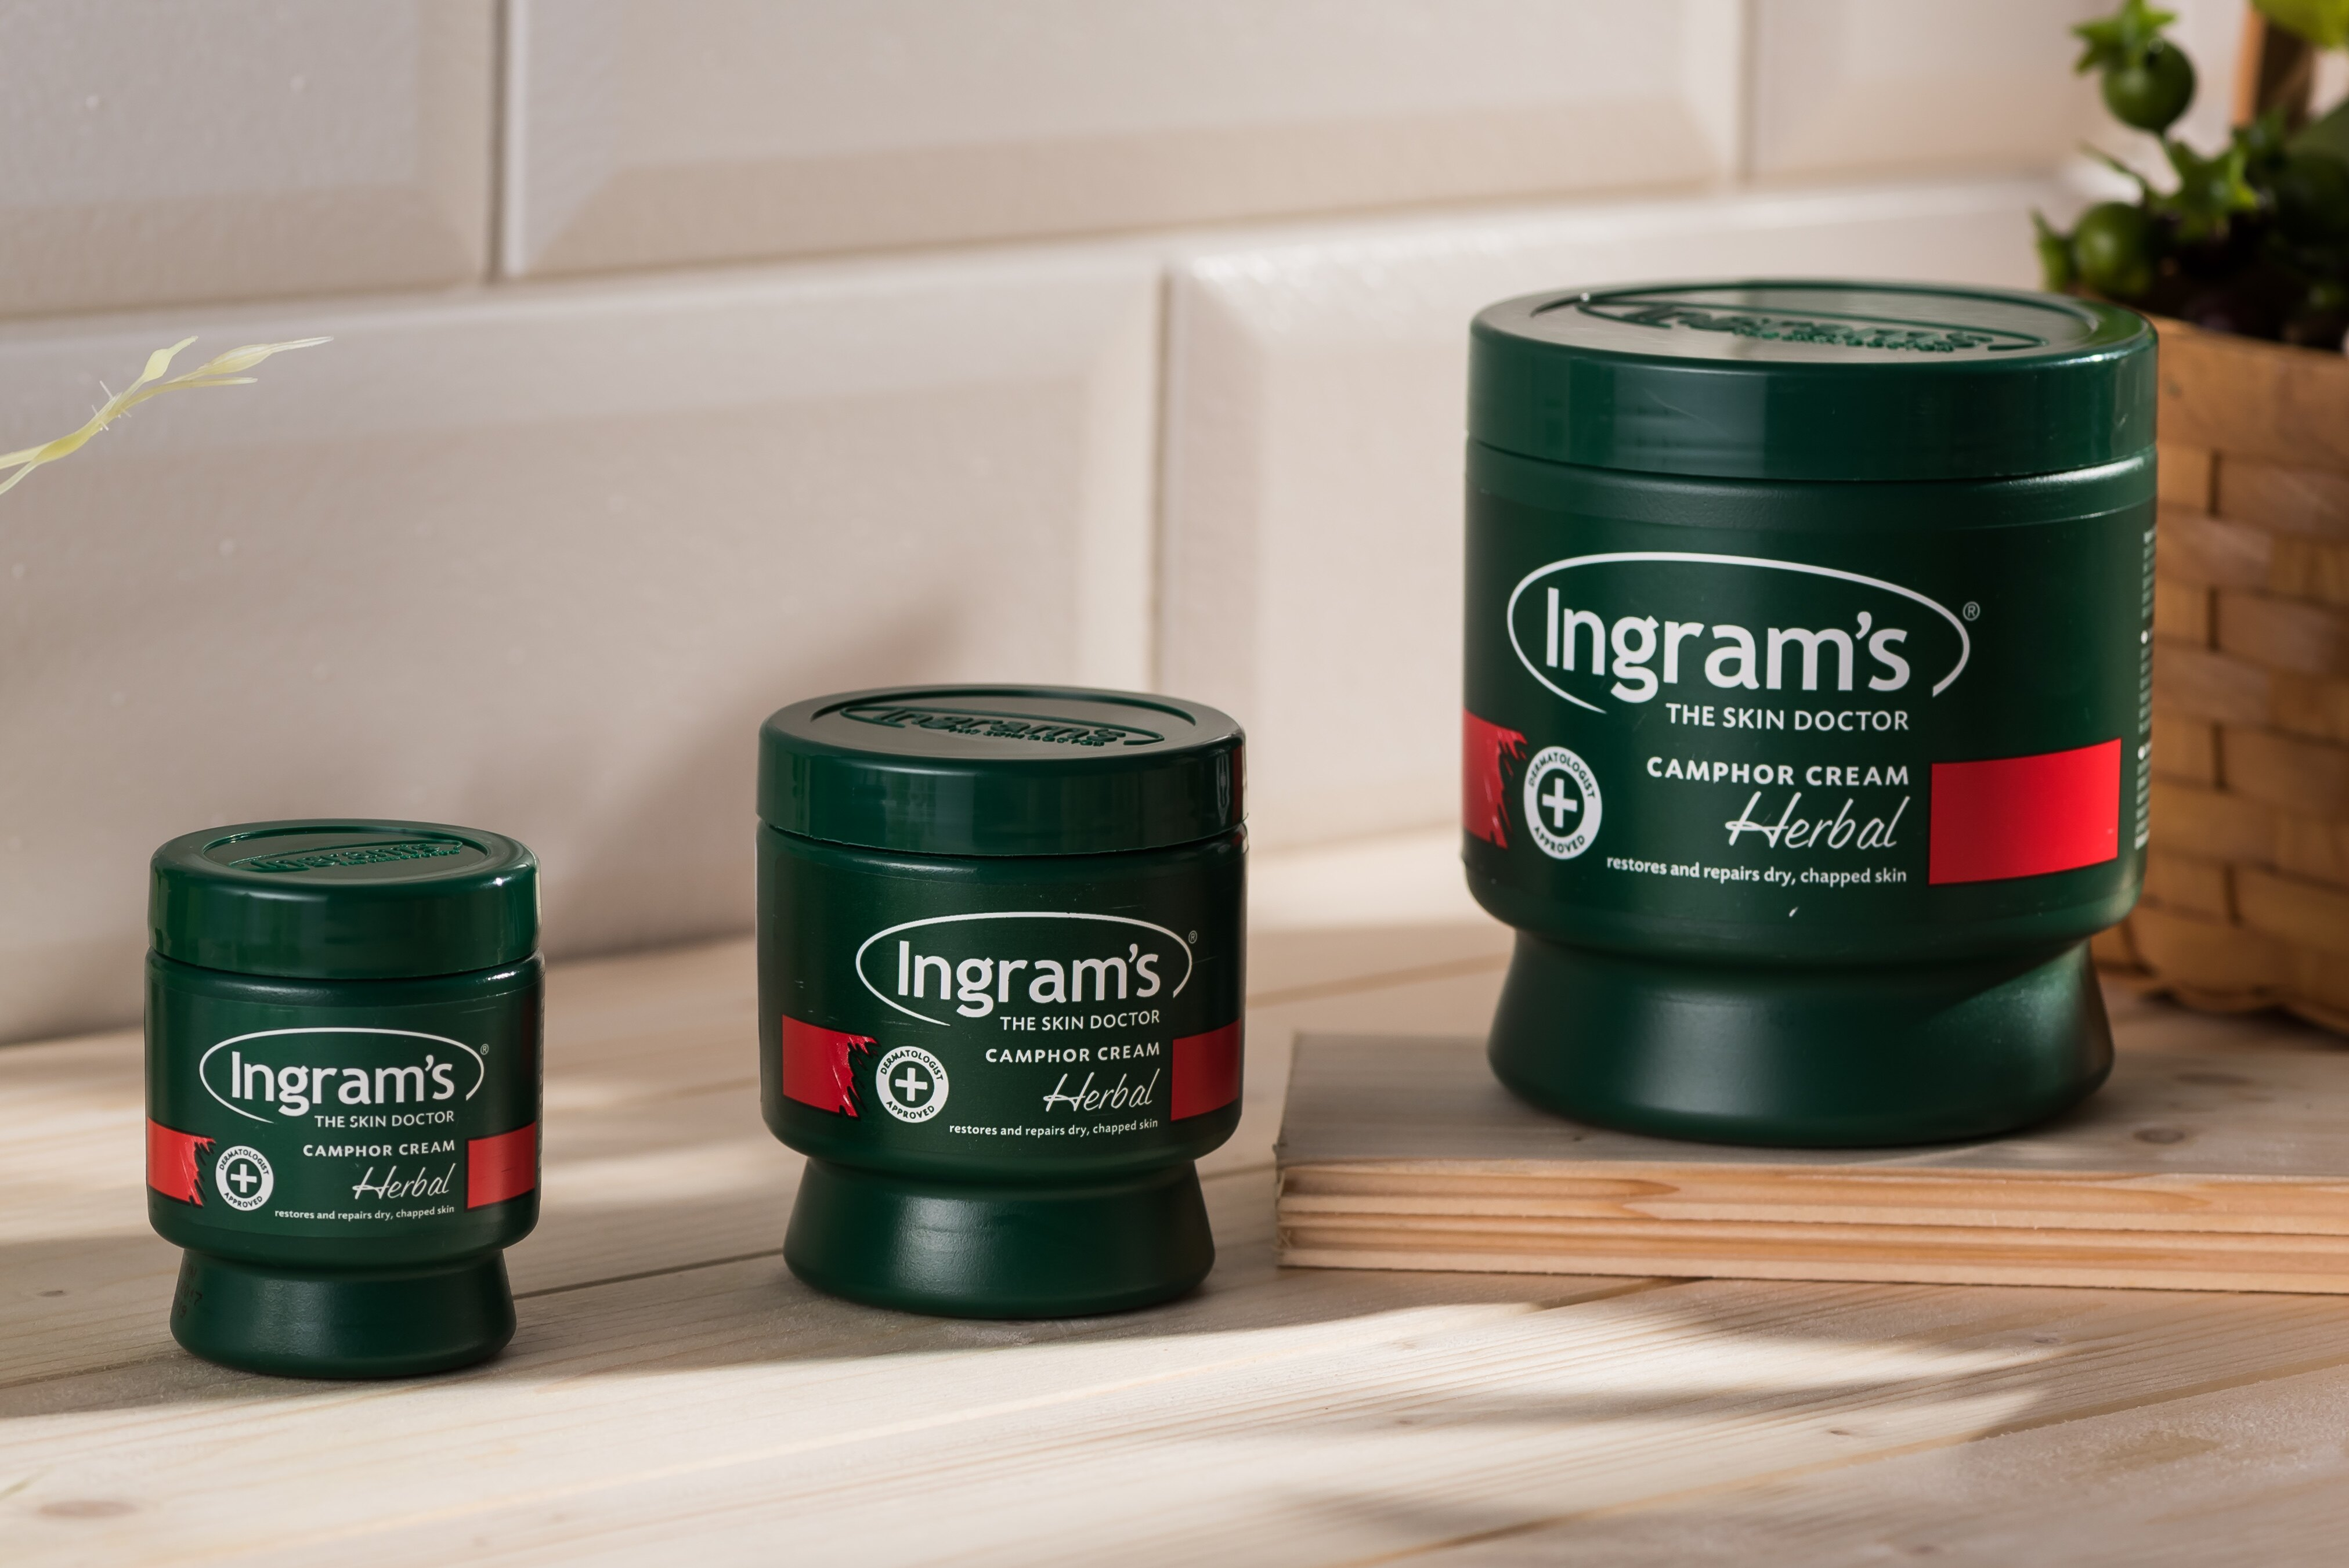 現貨+南非Ingram's~草本 護膚霜 / 護手霜 /  萬用護膚霜 -500ML 旅行必備~菜菜子南非代購~ 2